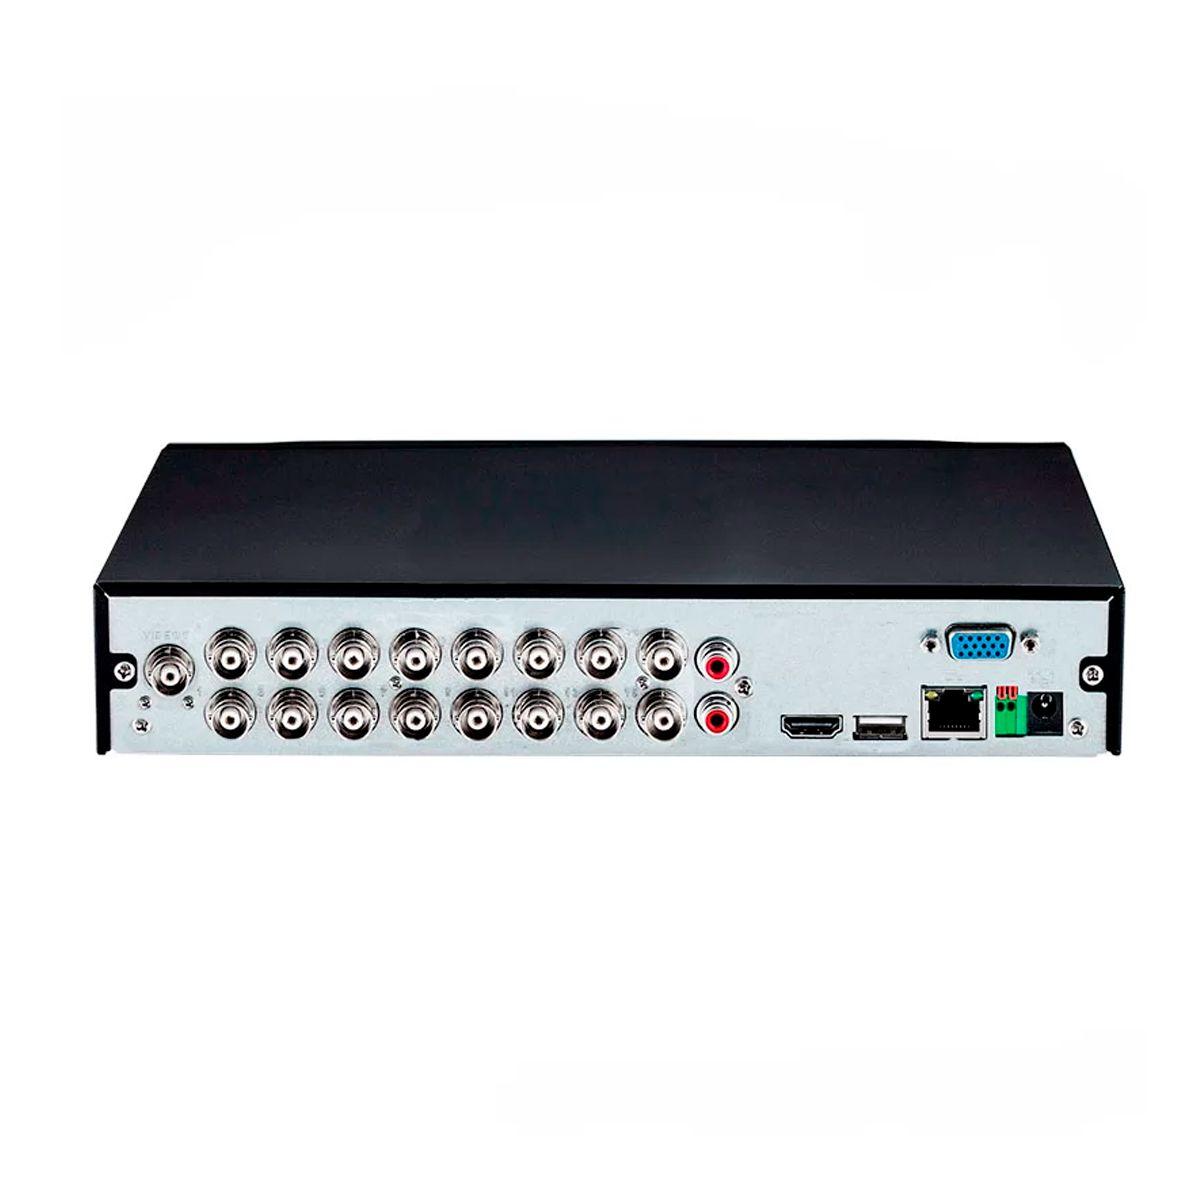 Kit 10 Câmeras VHD 3130 B G5 + DVR Intelbras + HD 1TB para Armazenamento +  App Grátis de Monitoramento, Câmeras HD 720p 30m Infravermelho de Visão Noturna Intelbras + Fonte, Cabos e Acessórios  - Tudo Forte